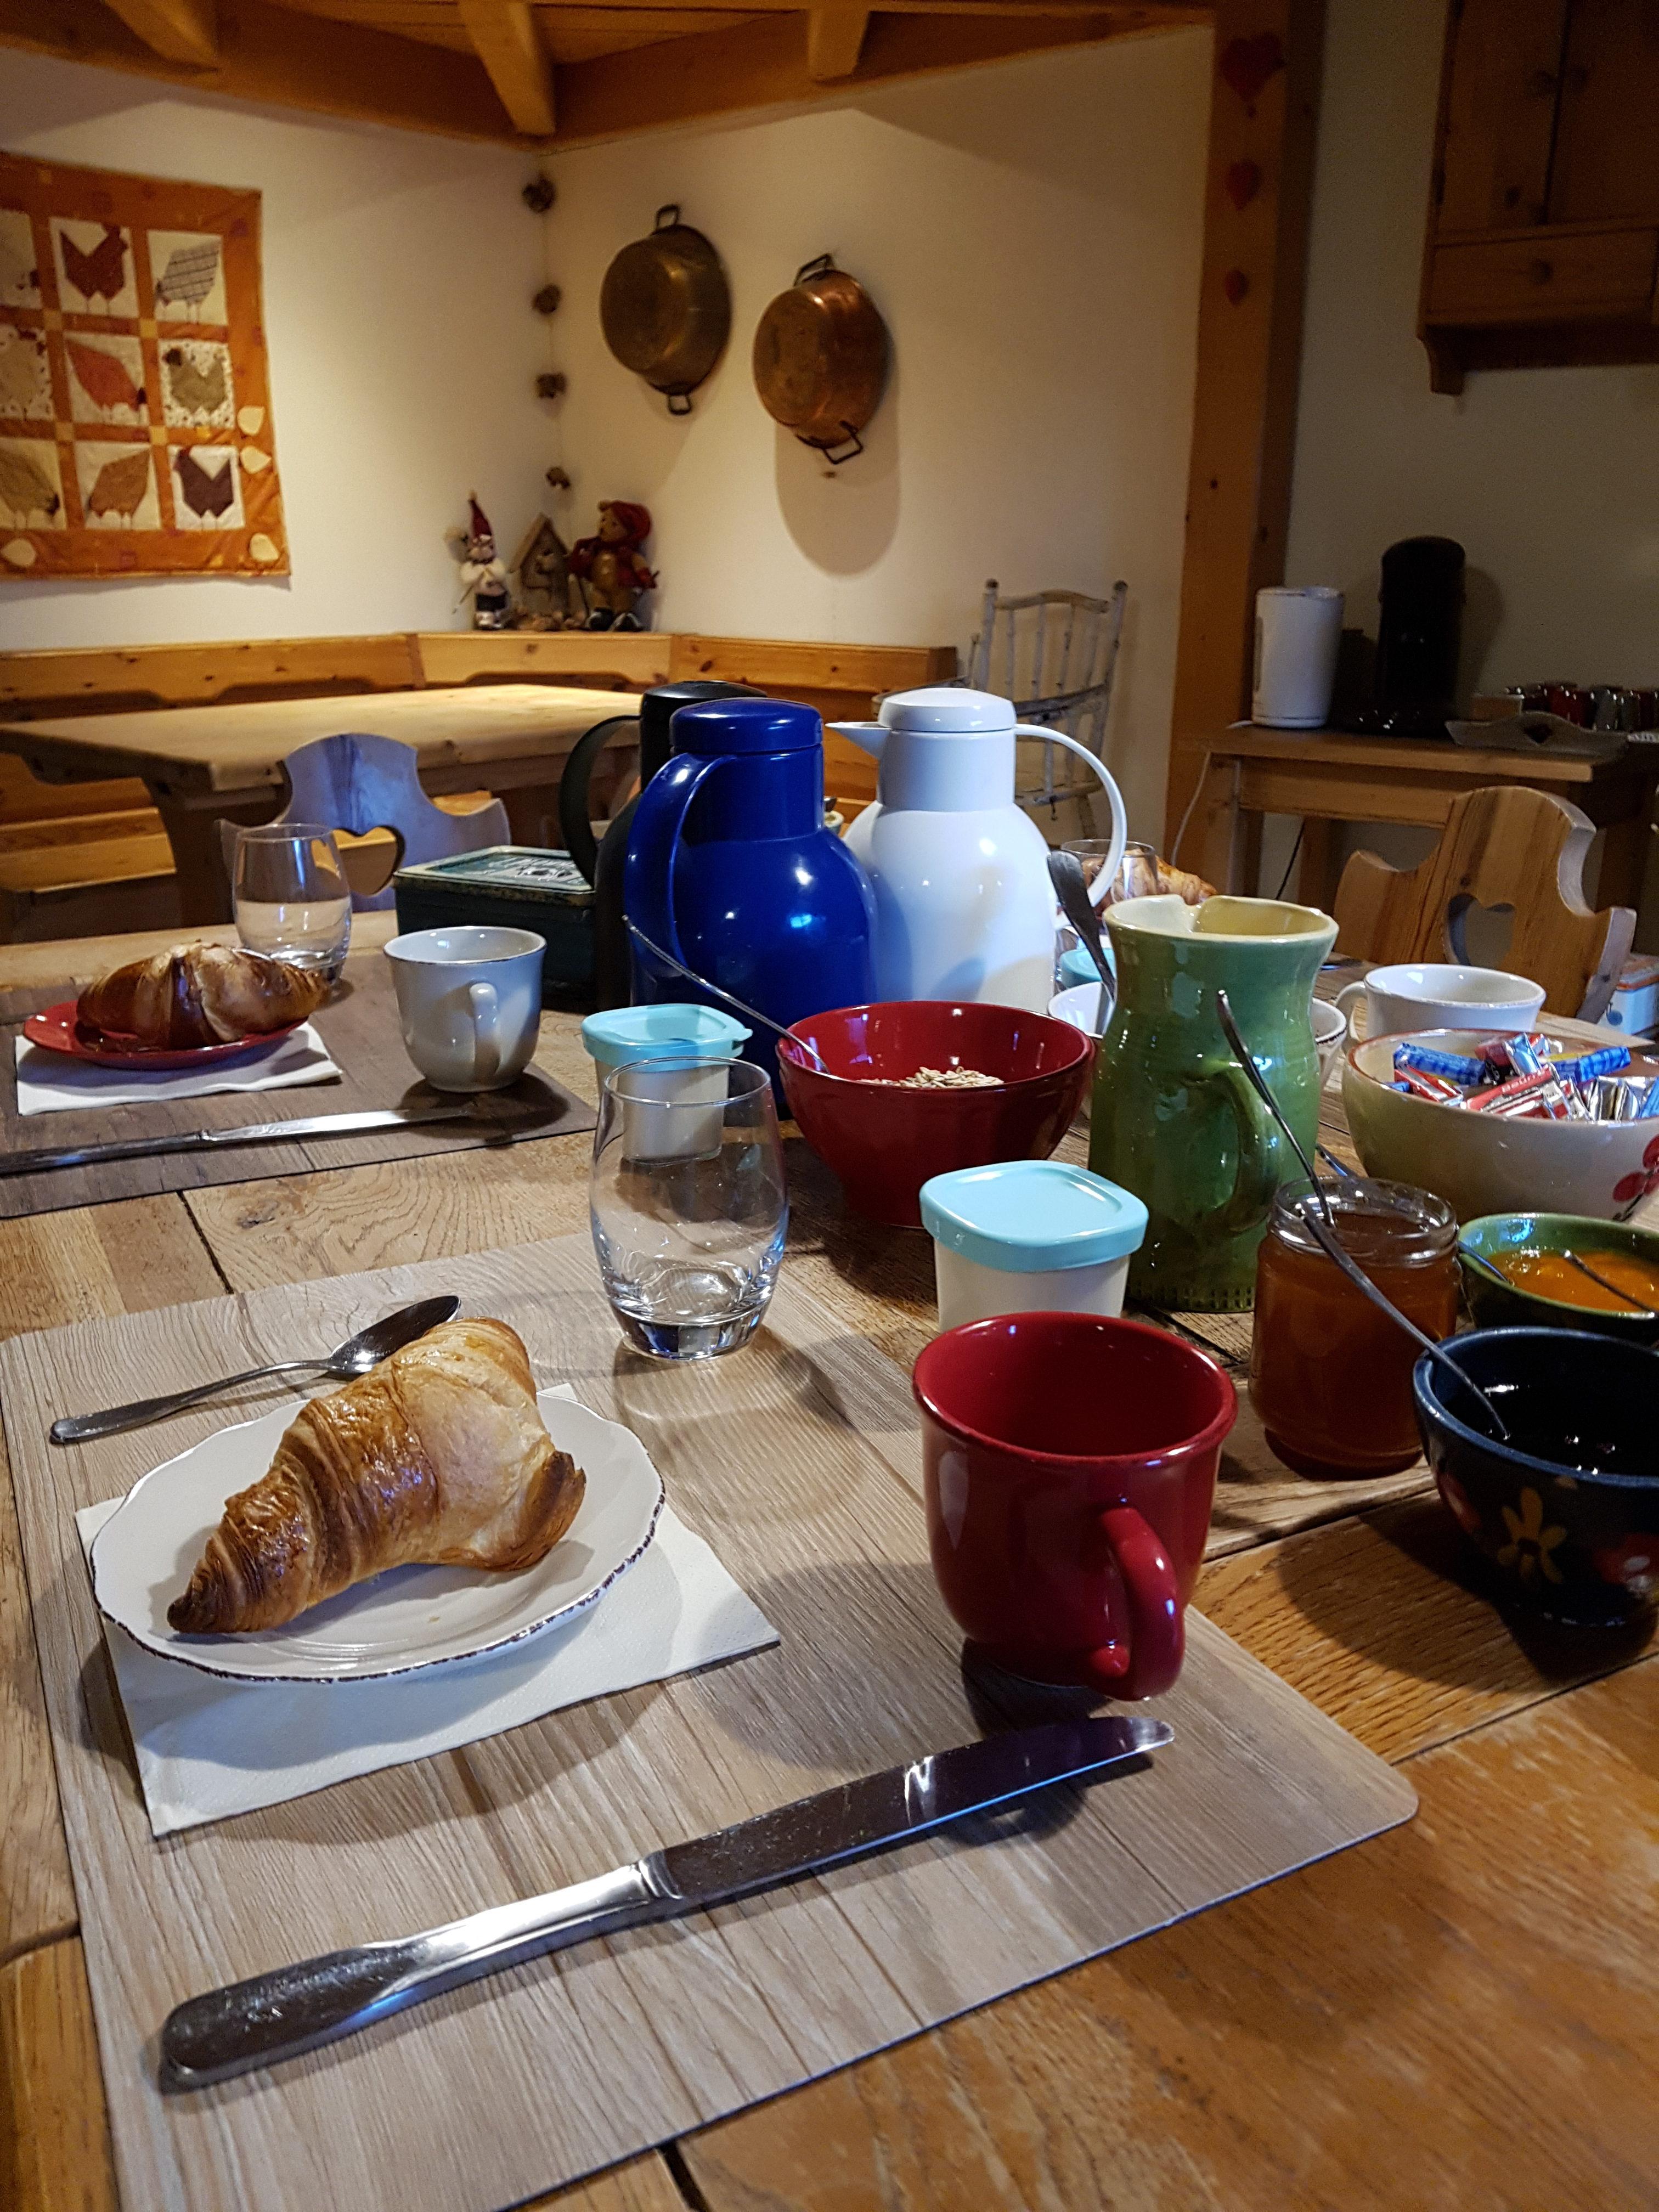 Chambre d'hôtes Annecy - Hiver - Blog Voyage - Famille - Les Pralets Saint-Eustache